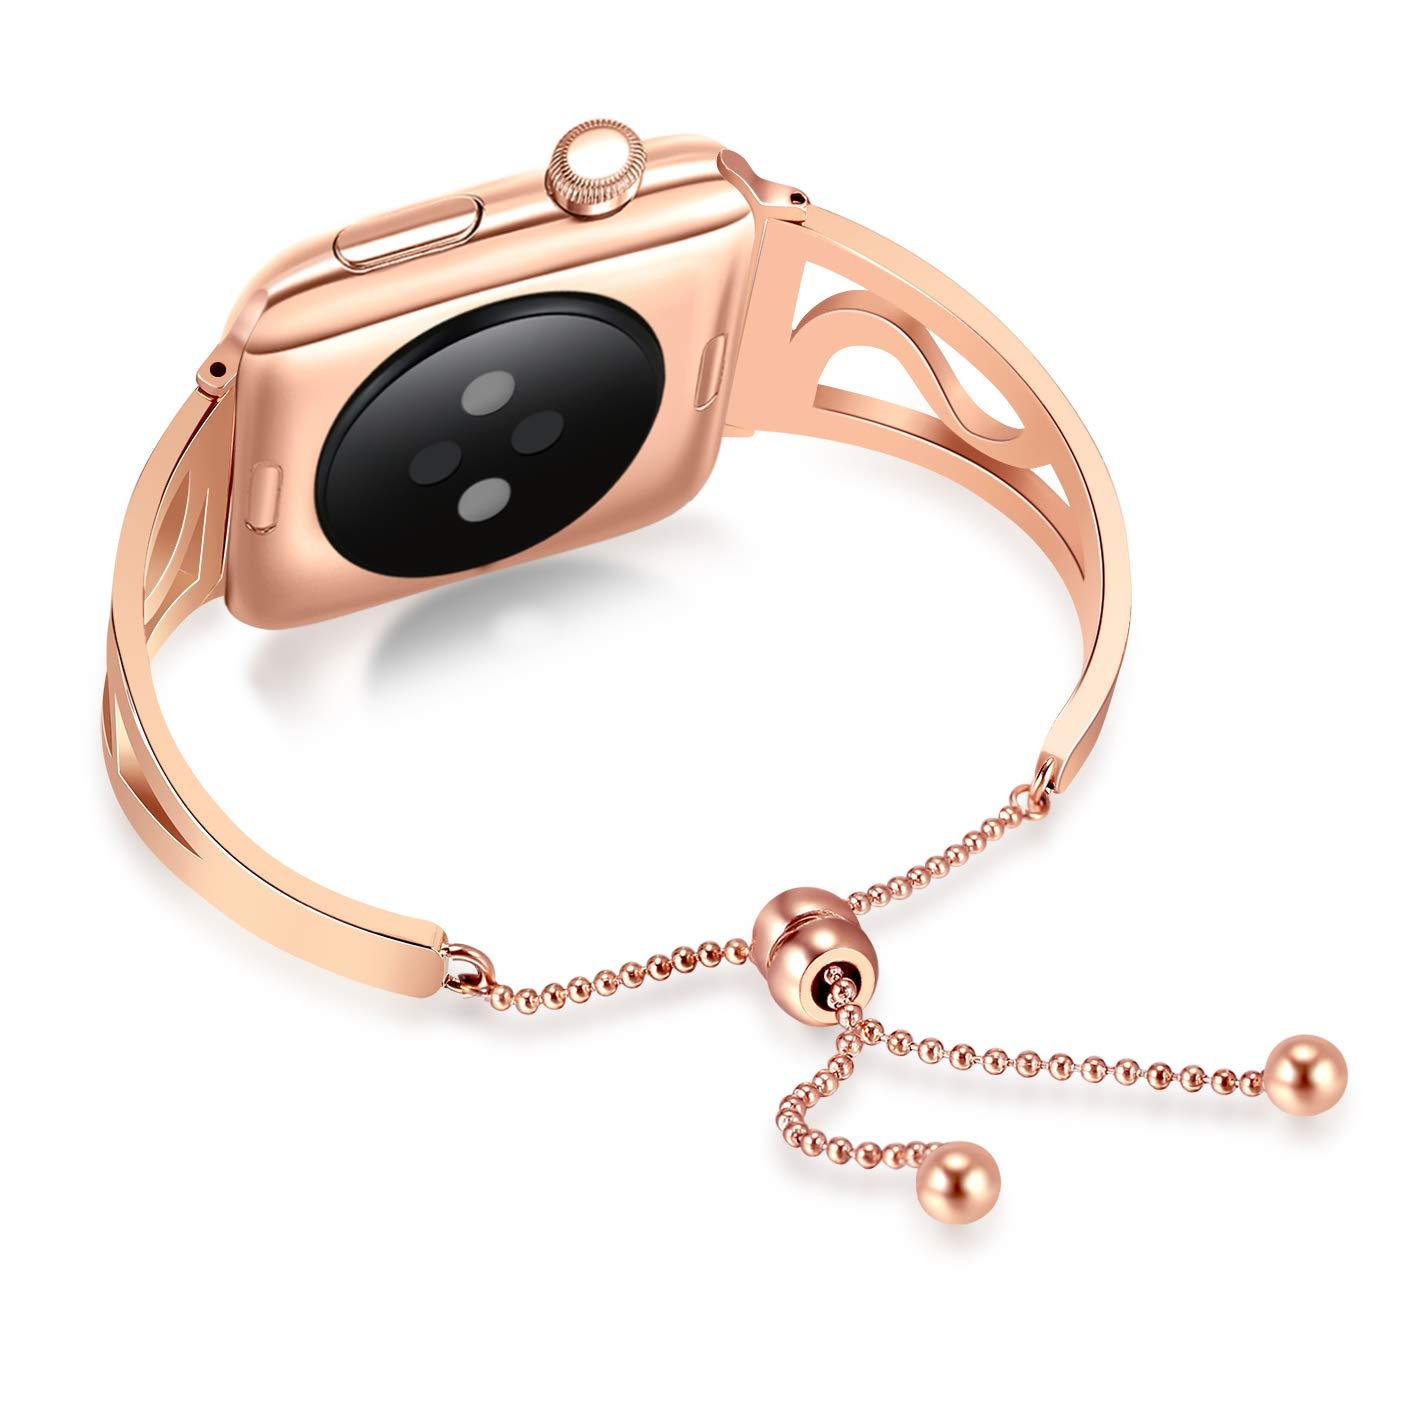 Amazon.com: Solomo - Correa de repuesto para Apple Watch ...